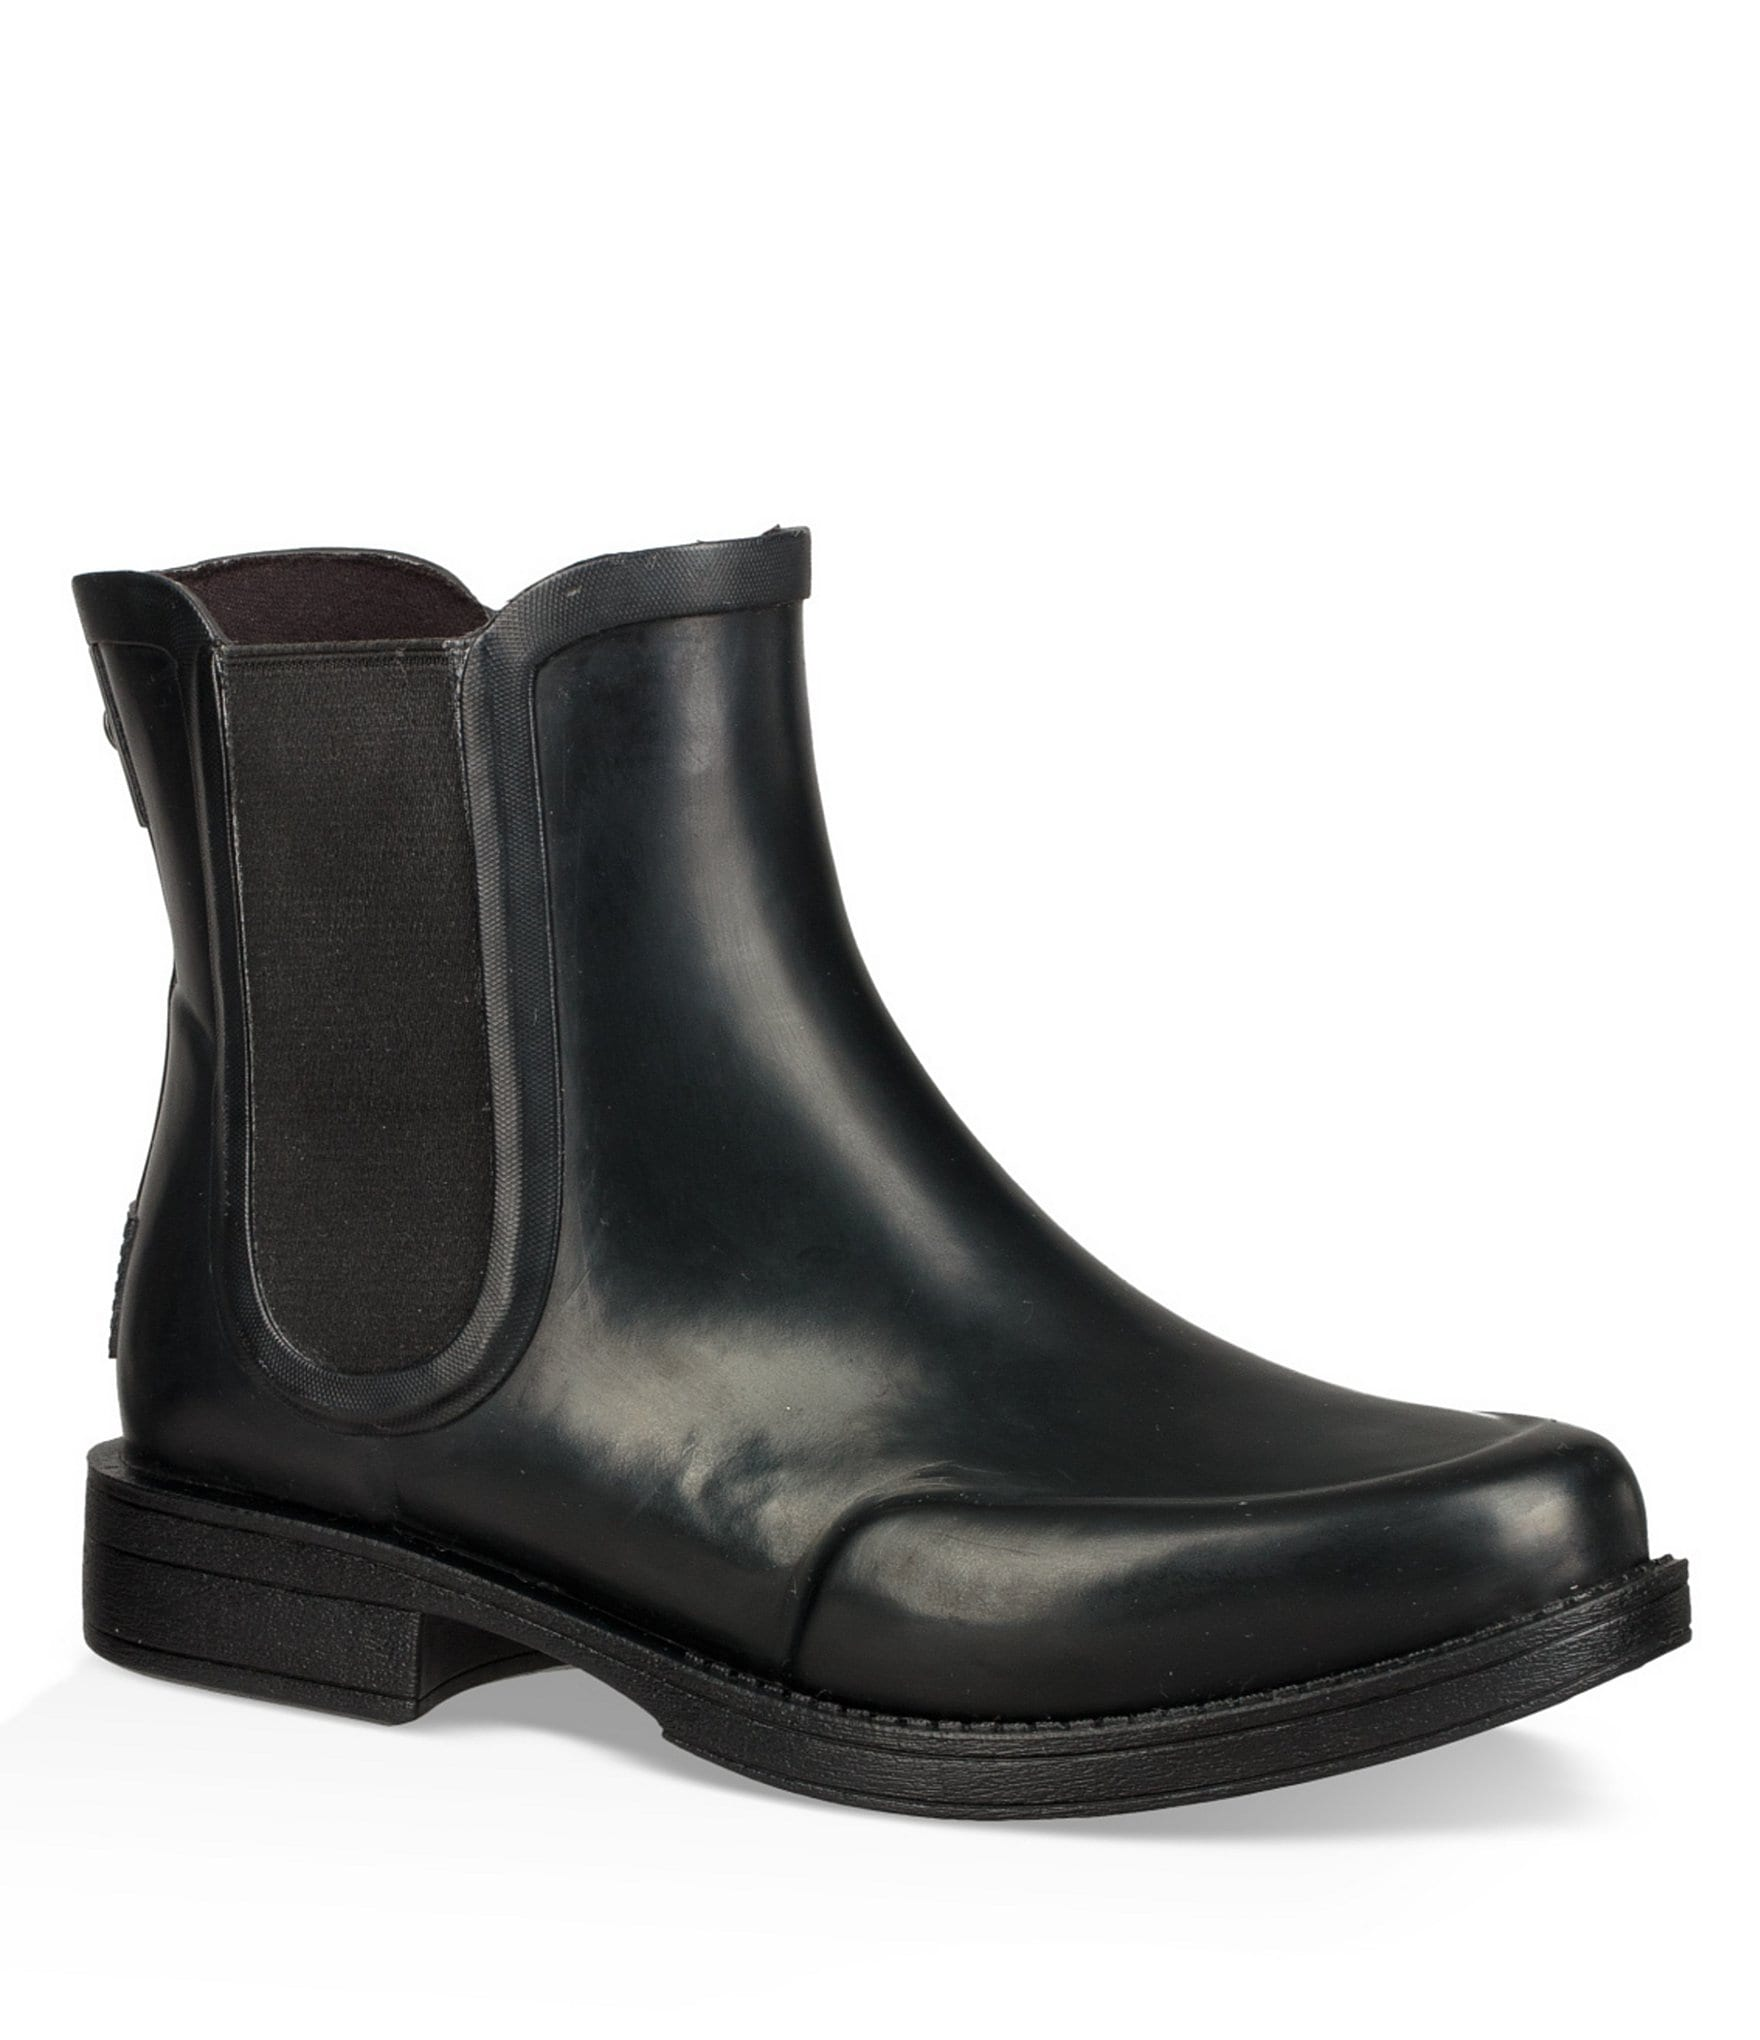 Ugg Rain Boots Dillards